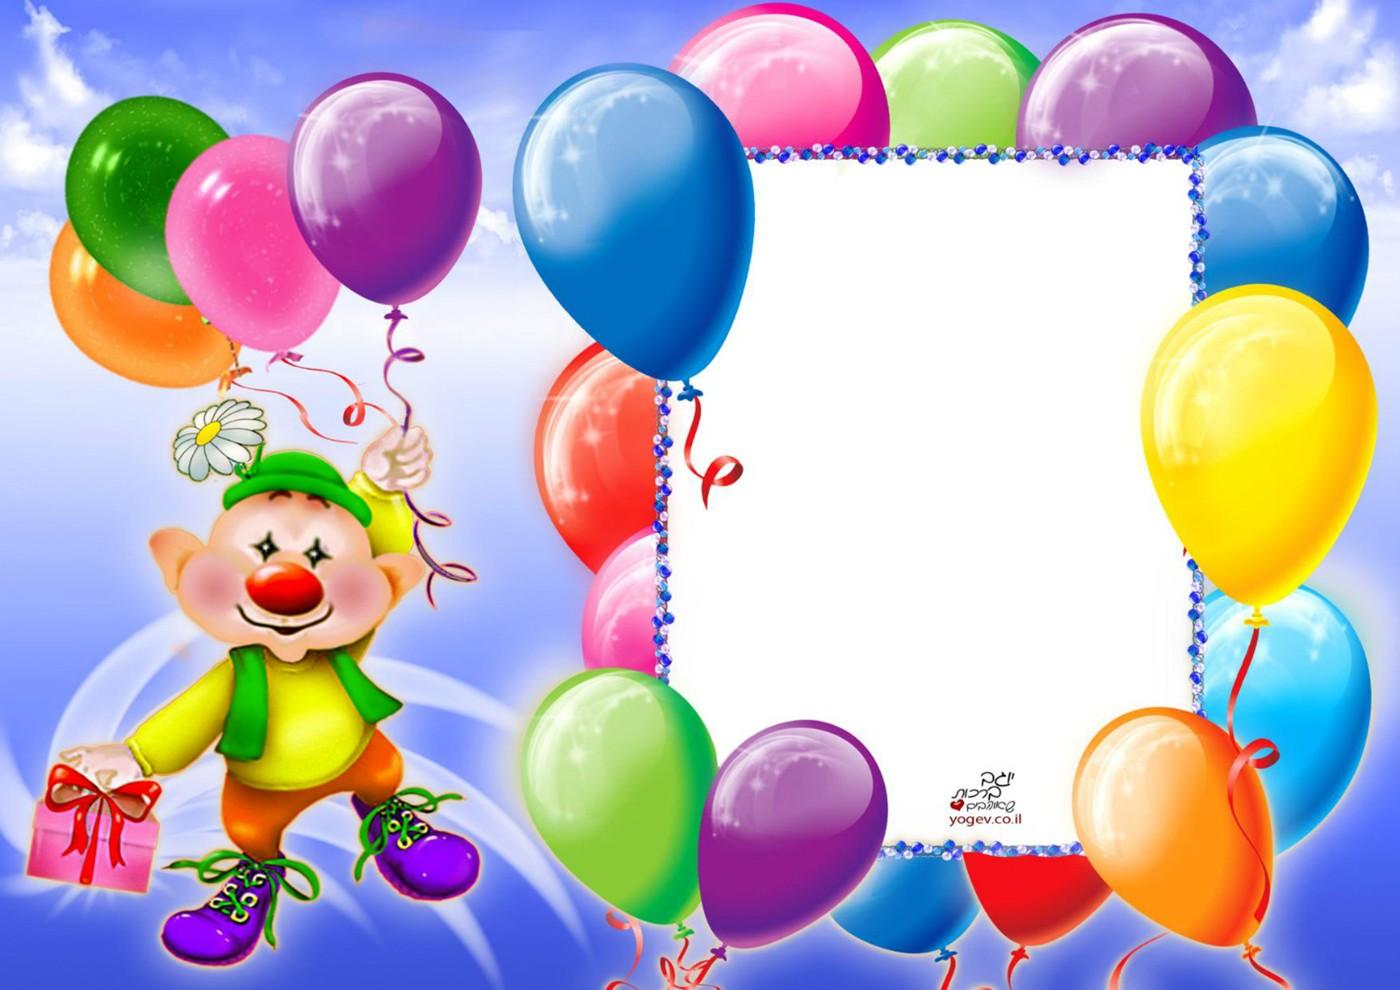 Поздравления с днем рождения презентация с фотографиями